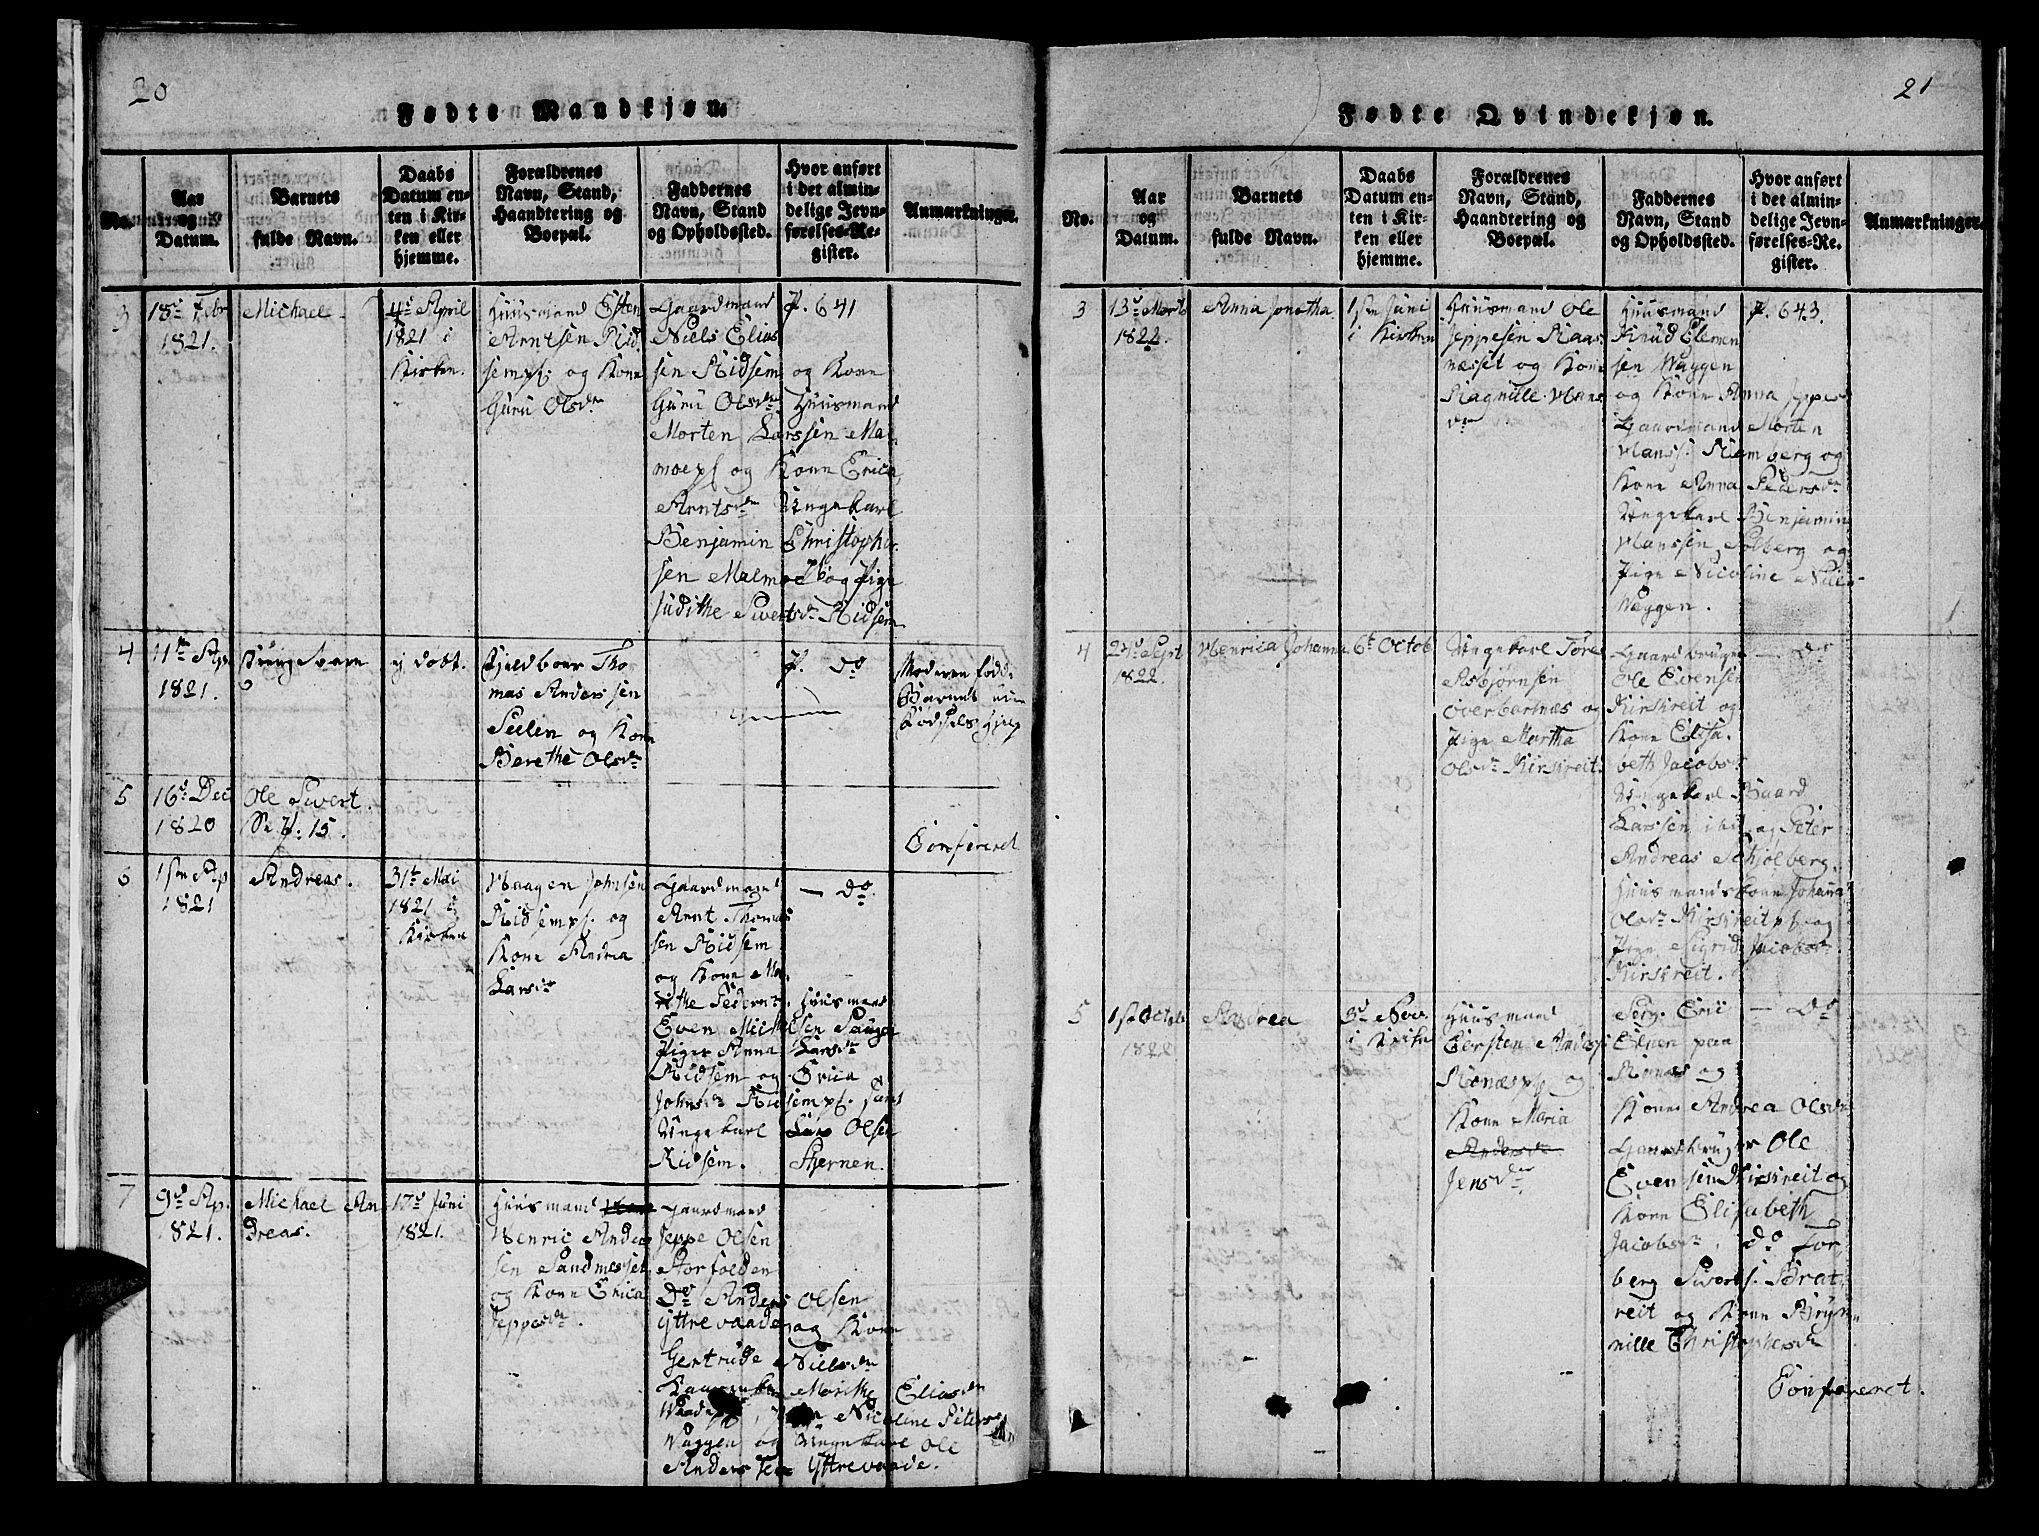 SAT, Ministerialprotokoller, klokkerbøker og fødselsregistre - Nord-Trøndelag, 745/L0433: Klokkerbok nr. 745C02, 1817-1825, s. 20-21